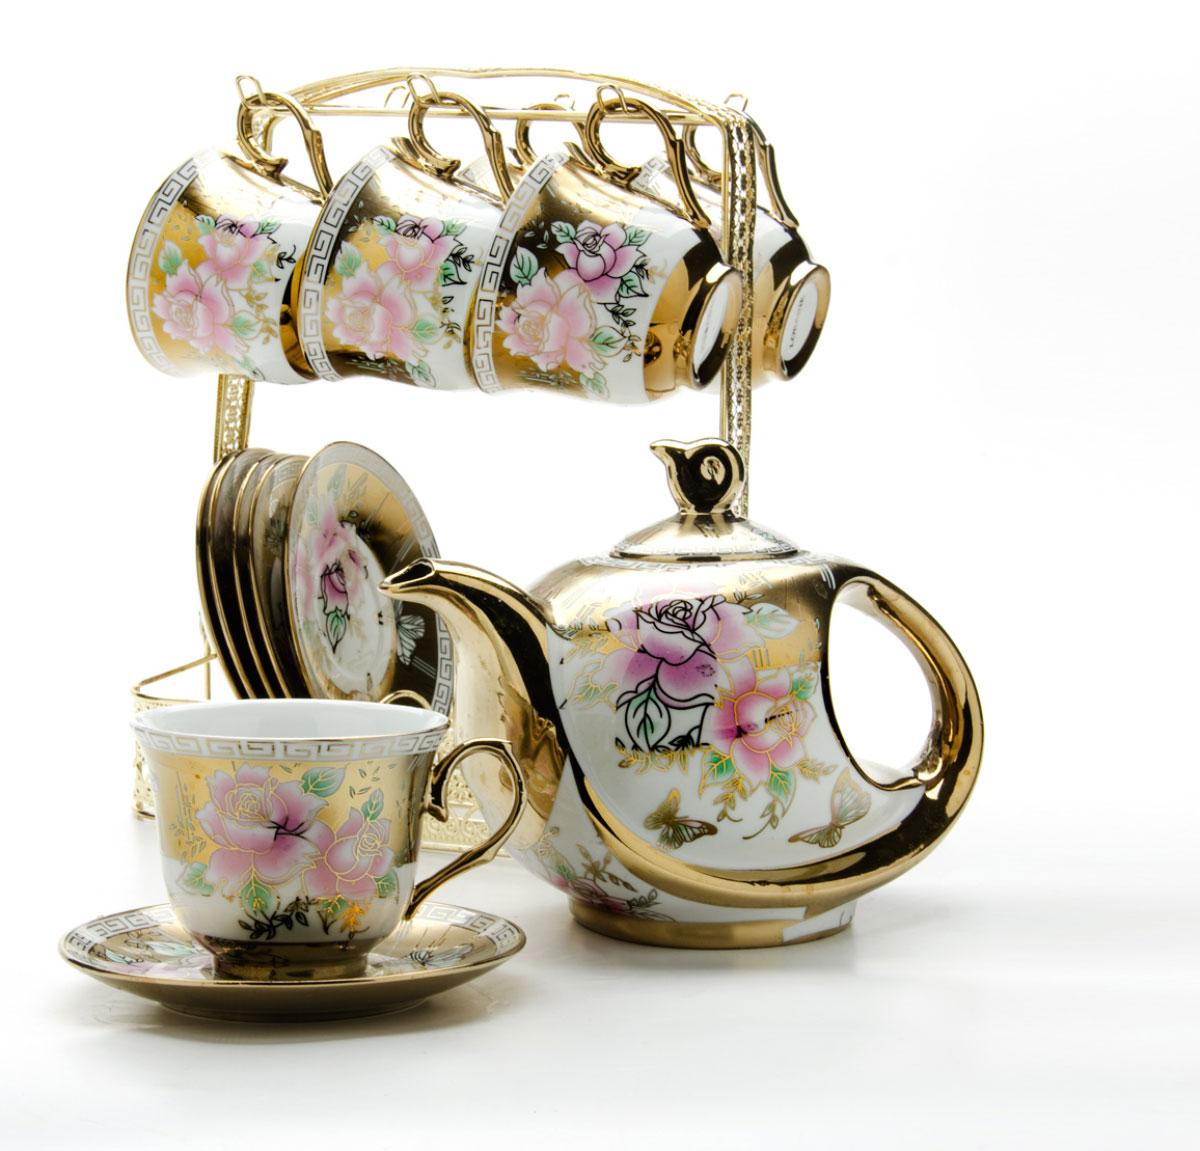 Набор чайный Loraine, на подставке, 15 предметов. 24785115510Чайный набор Loraine состоит из шести чашек, шести блюдец и заварочного чайника. Предметы набора изготовлены из керамики и оформлены изображением цветов и бабочек. Все предметы располагаются на удобной металлической подставке с ручкой. Элегантный дизайн набора придется по вкусу и ценителям классики, и тем, кто предпочитает утонченность и изысканность. Он настроит на позитивный лад и подарит хорошее настроение с самого утра. Чайный набор идеально подойдет для сервировки стола и станет отличным подарком к любому празднику.Объем чашки: 220 мл.Объем чайника: 950 мл.Диаметр блюдца: 13,5 см.